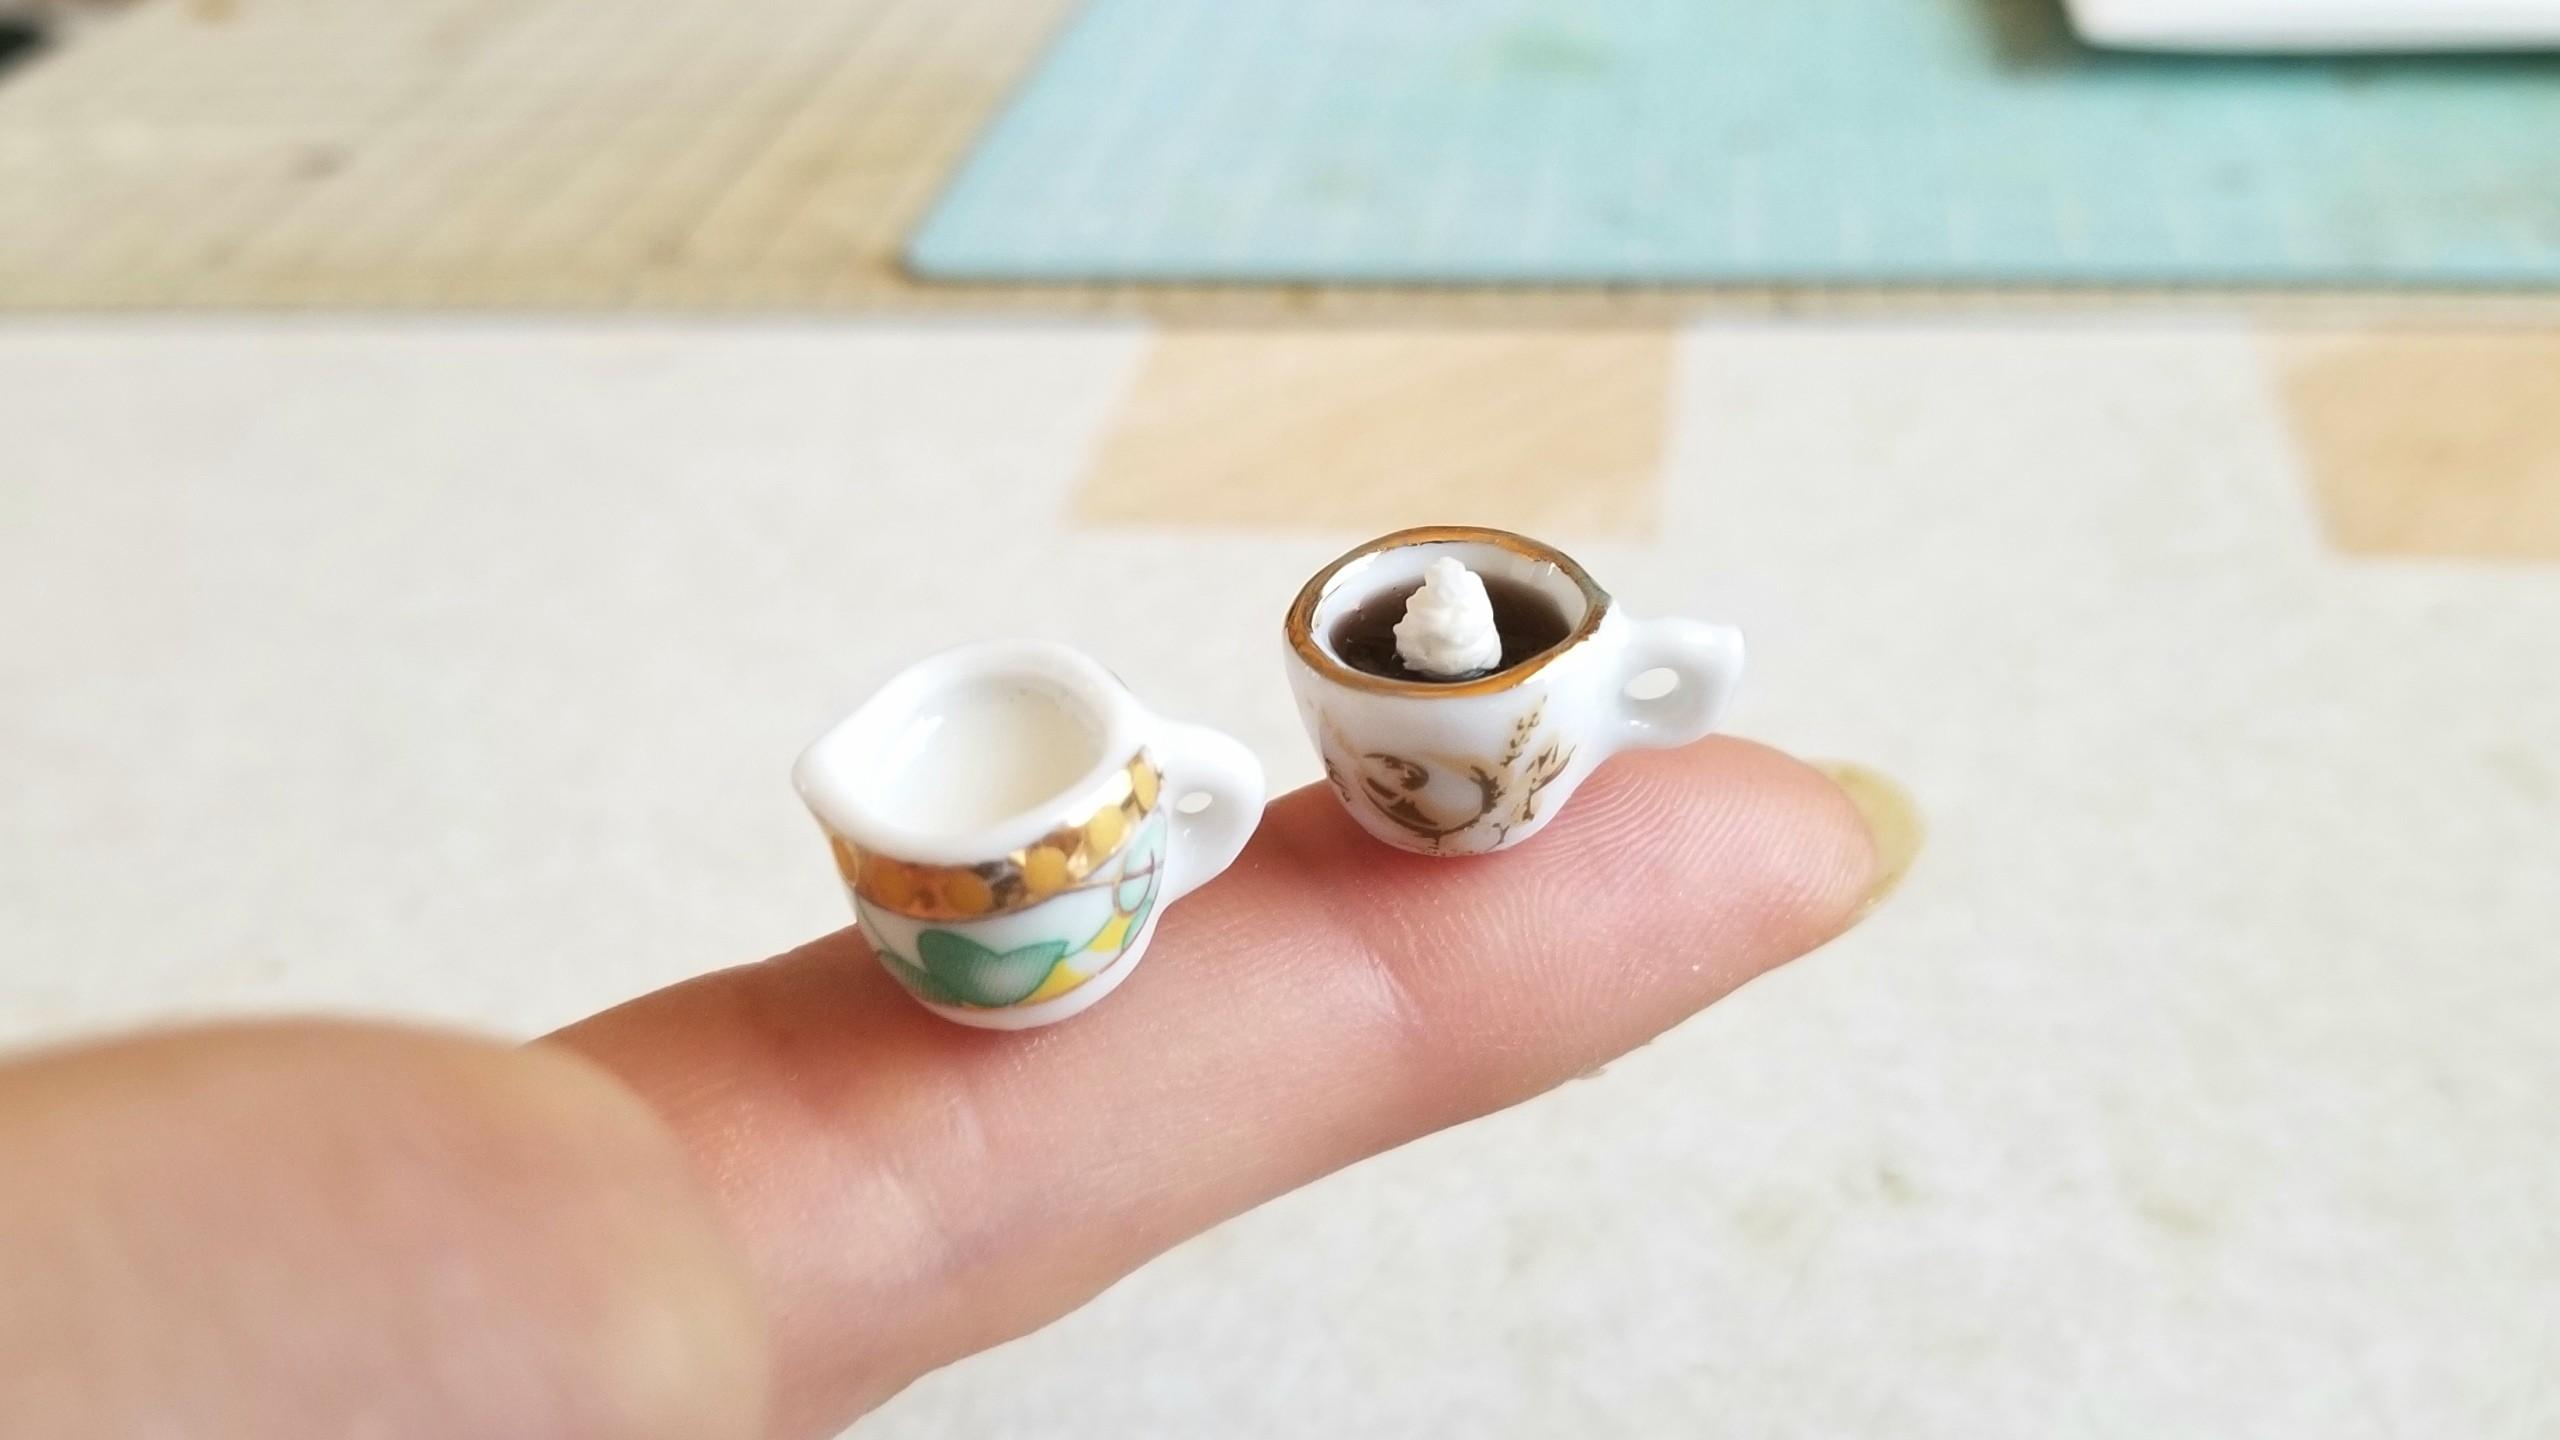 かわいい小さなドリンク飲み物,おすすめレジンアート,ドール用小物